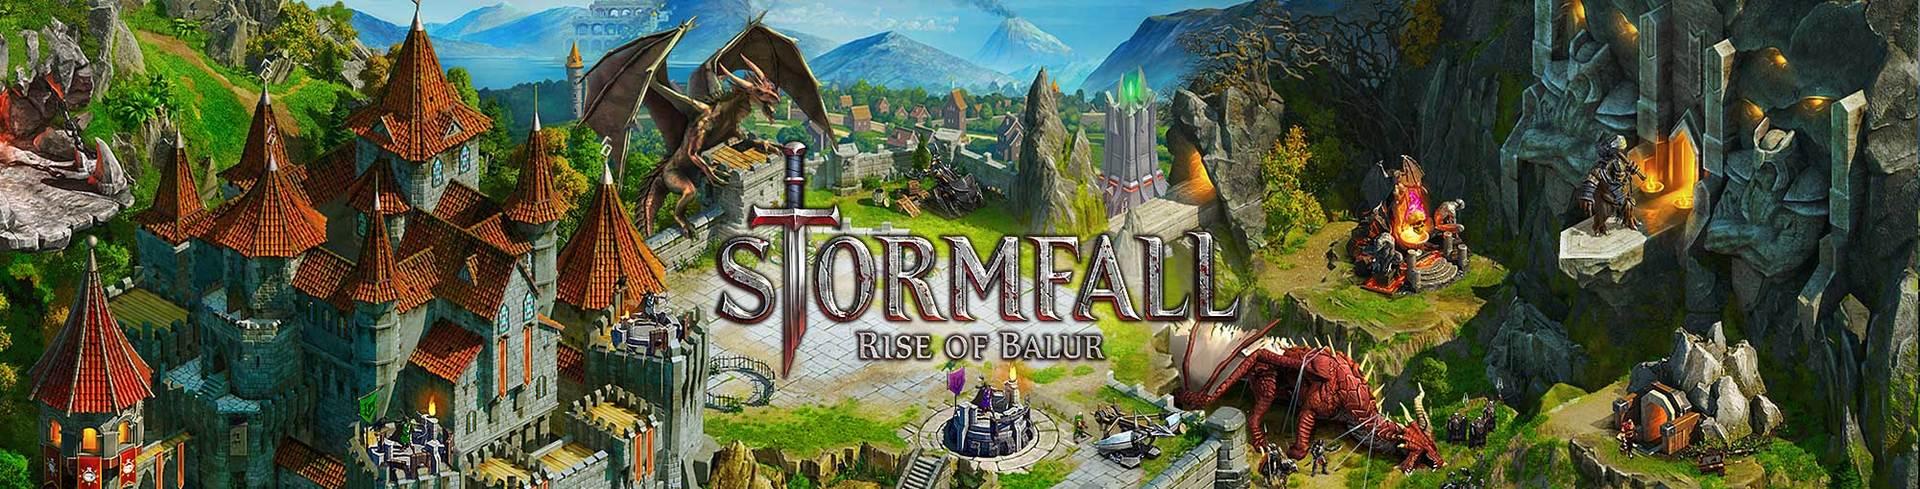 Локализация мобильных игр для азиатского рынка - 3